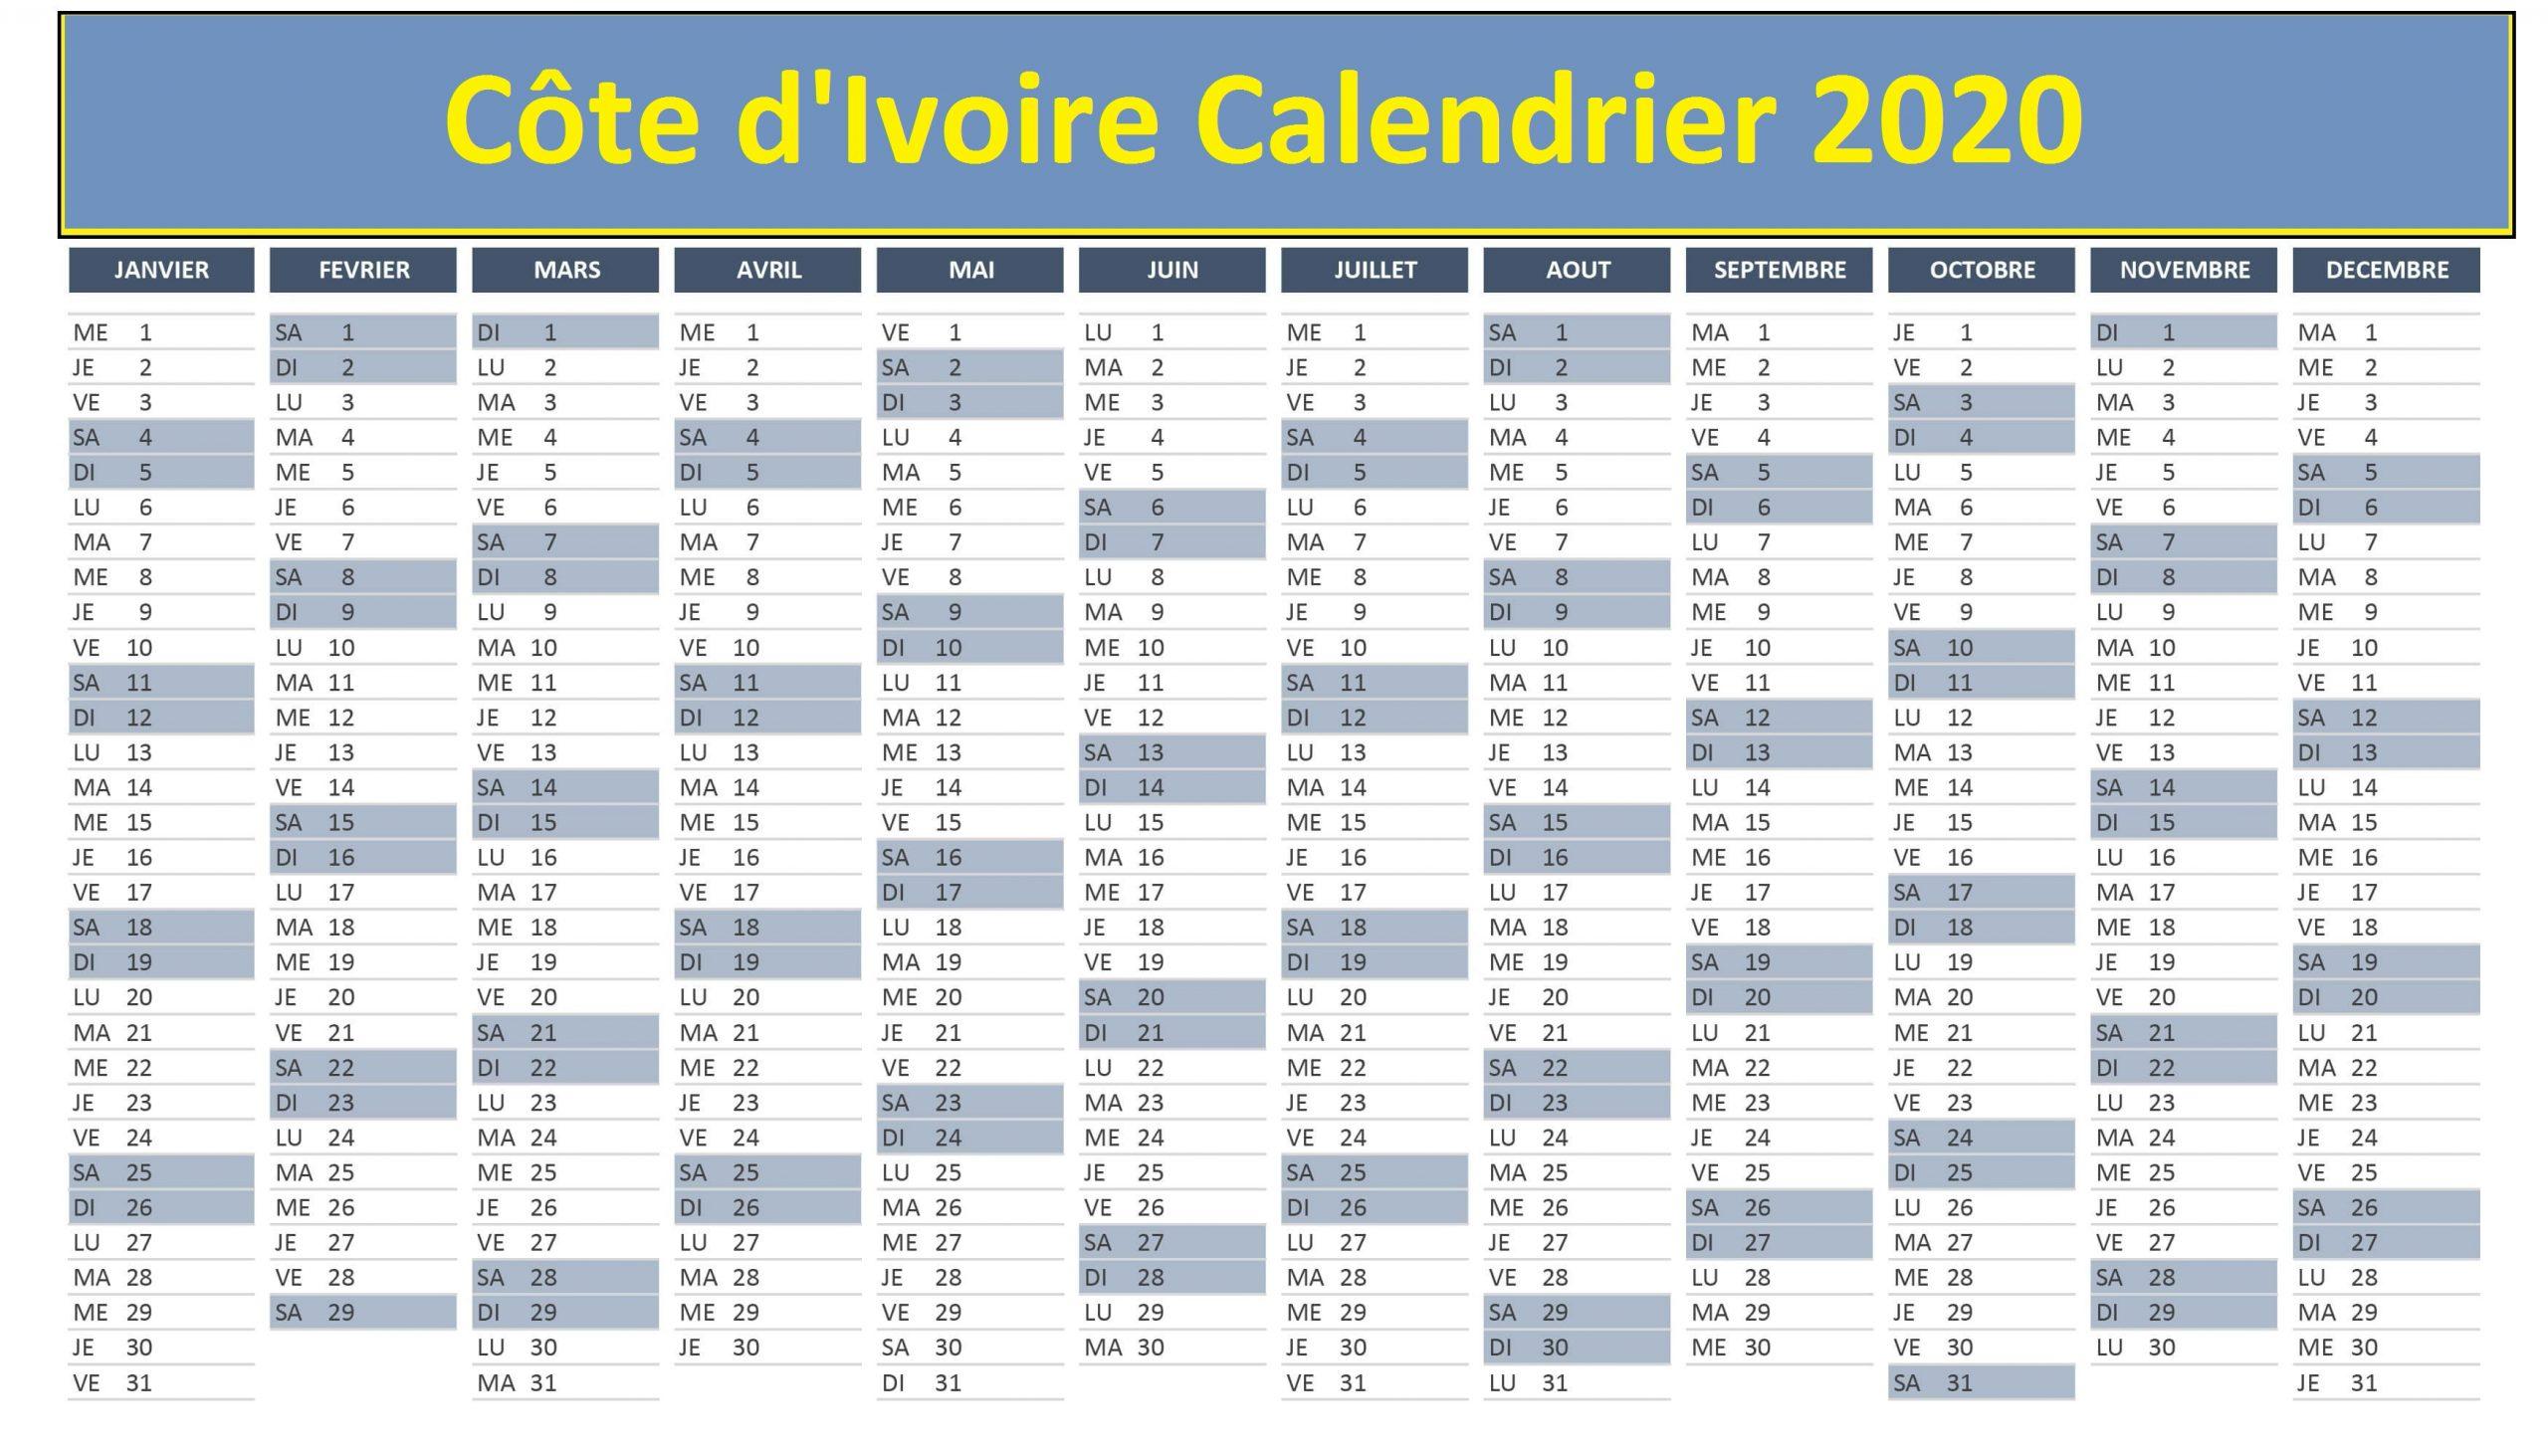 Calendrier Des Concours En Côte d'Ivoire 2020